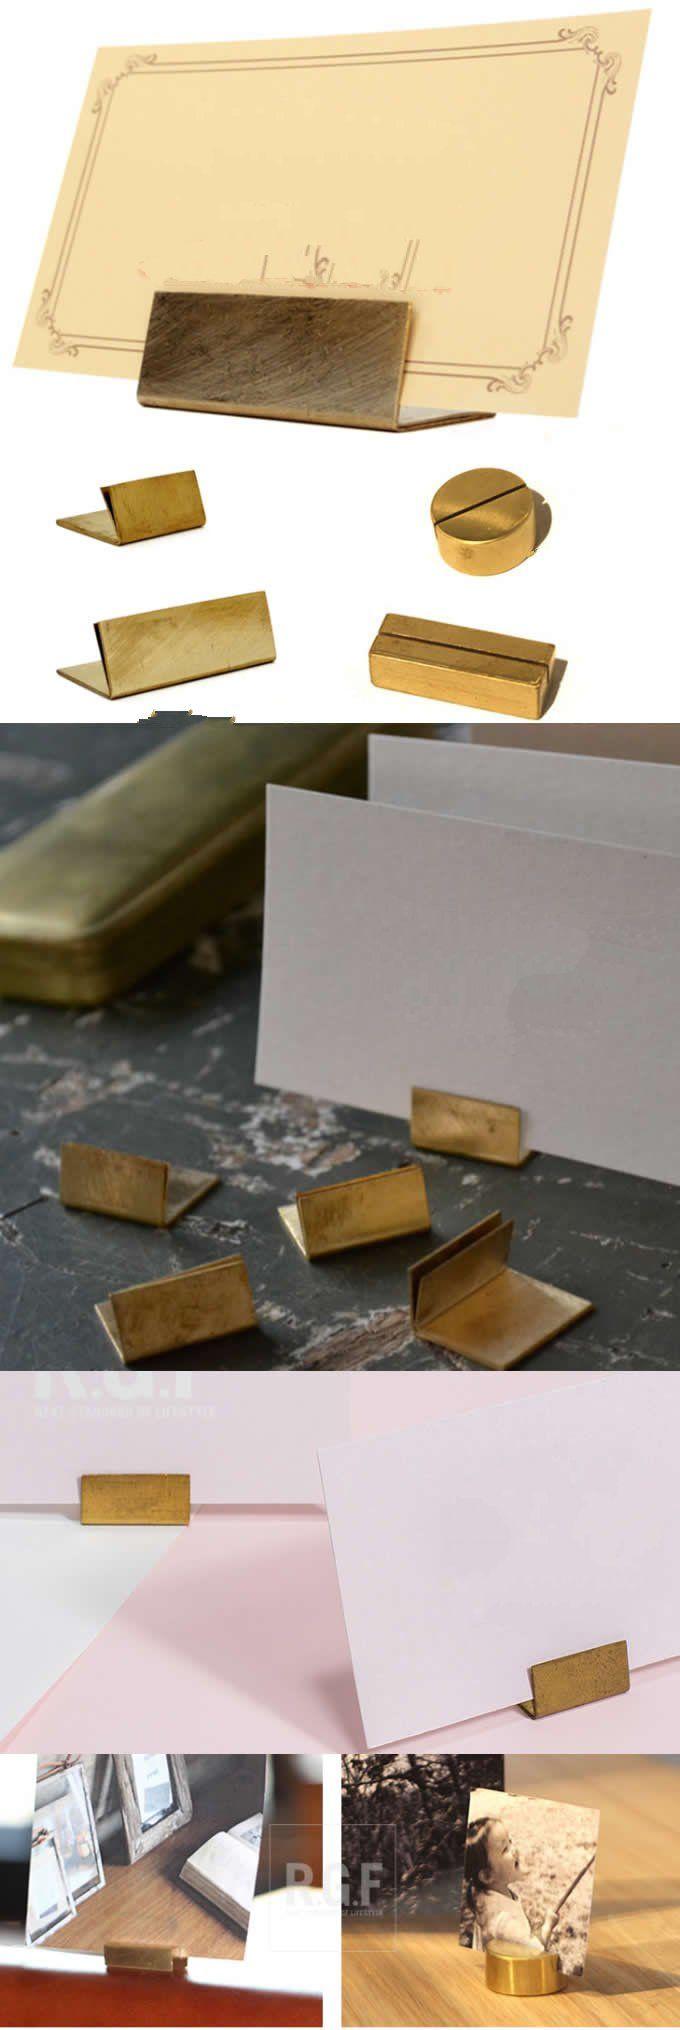 modern solid brass desk business name card holder case